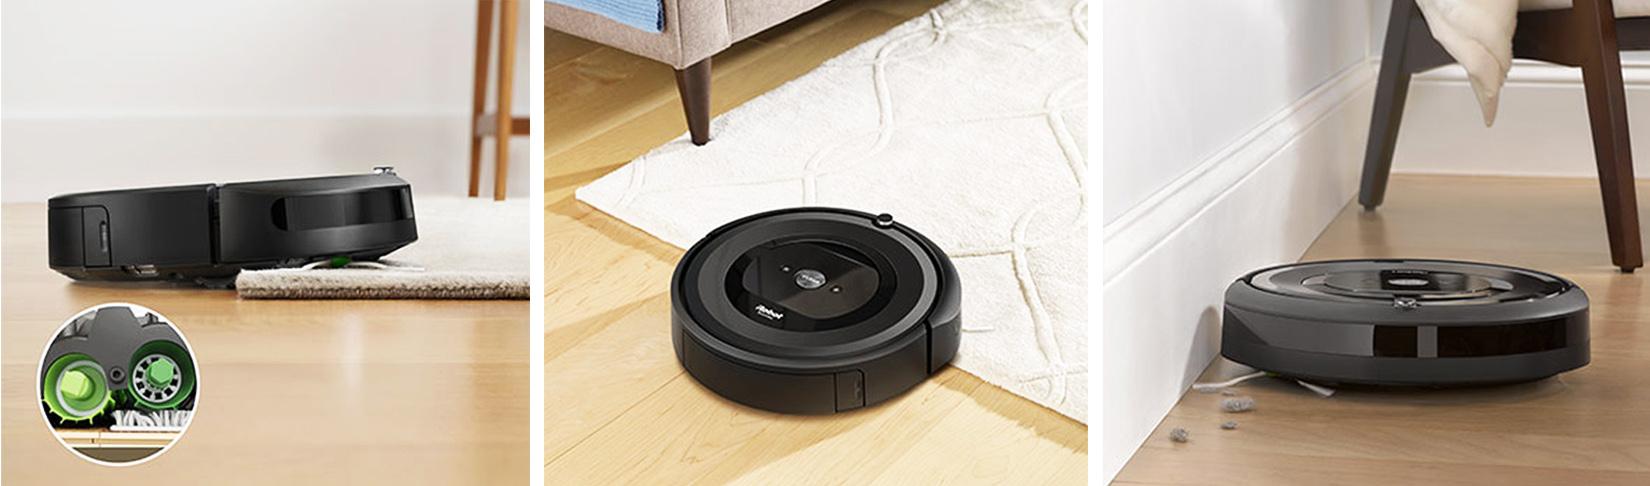 Трёхэтапная система очистки робота пылесоса iRobot Roomba e5